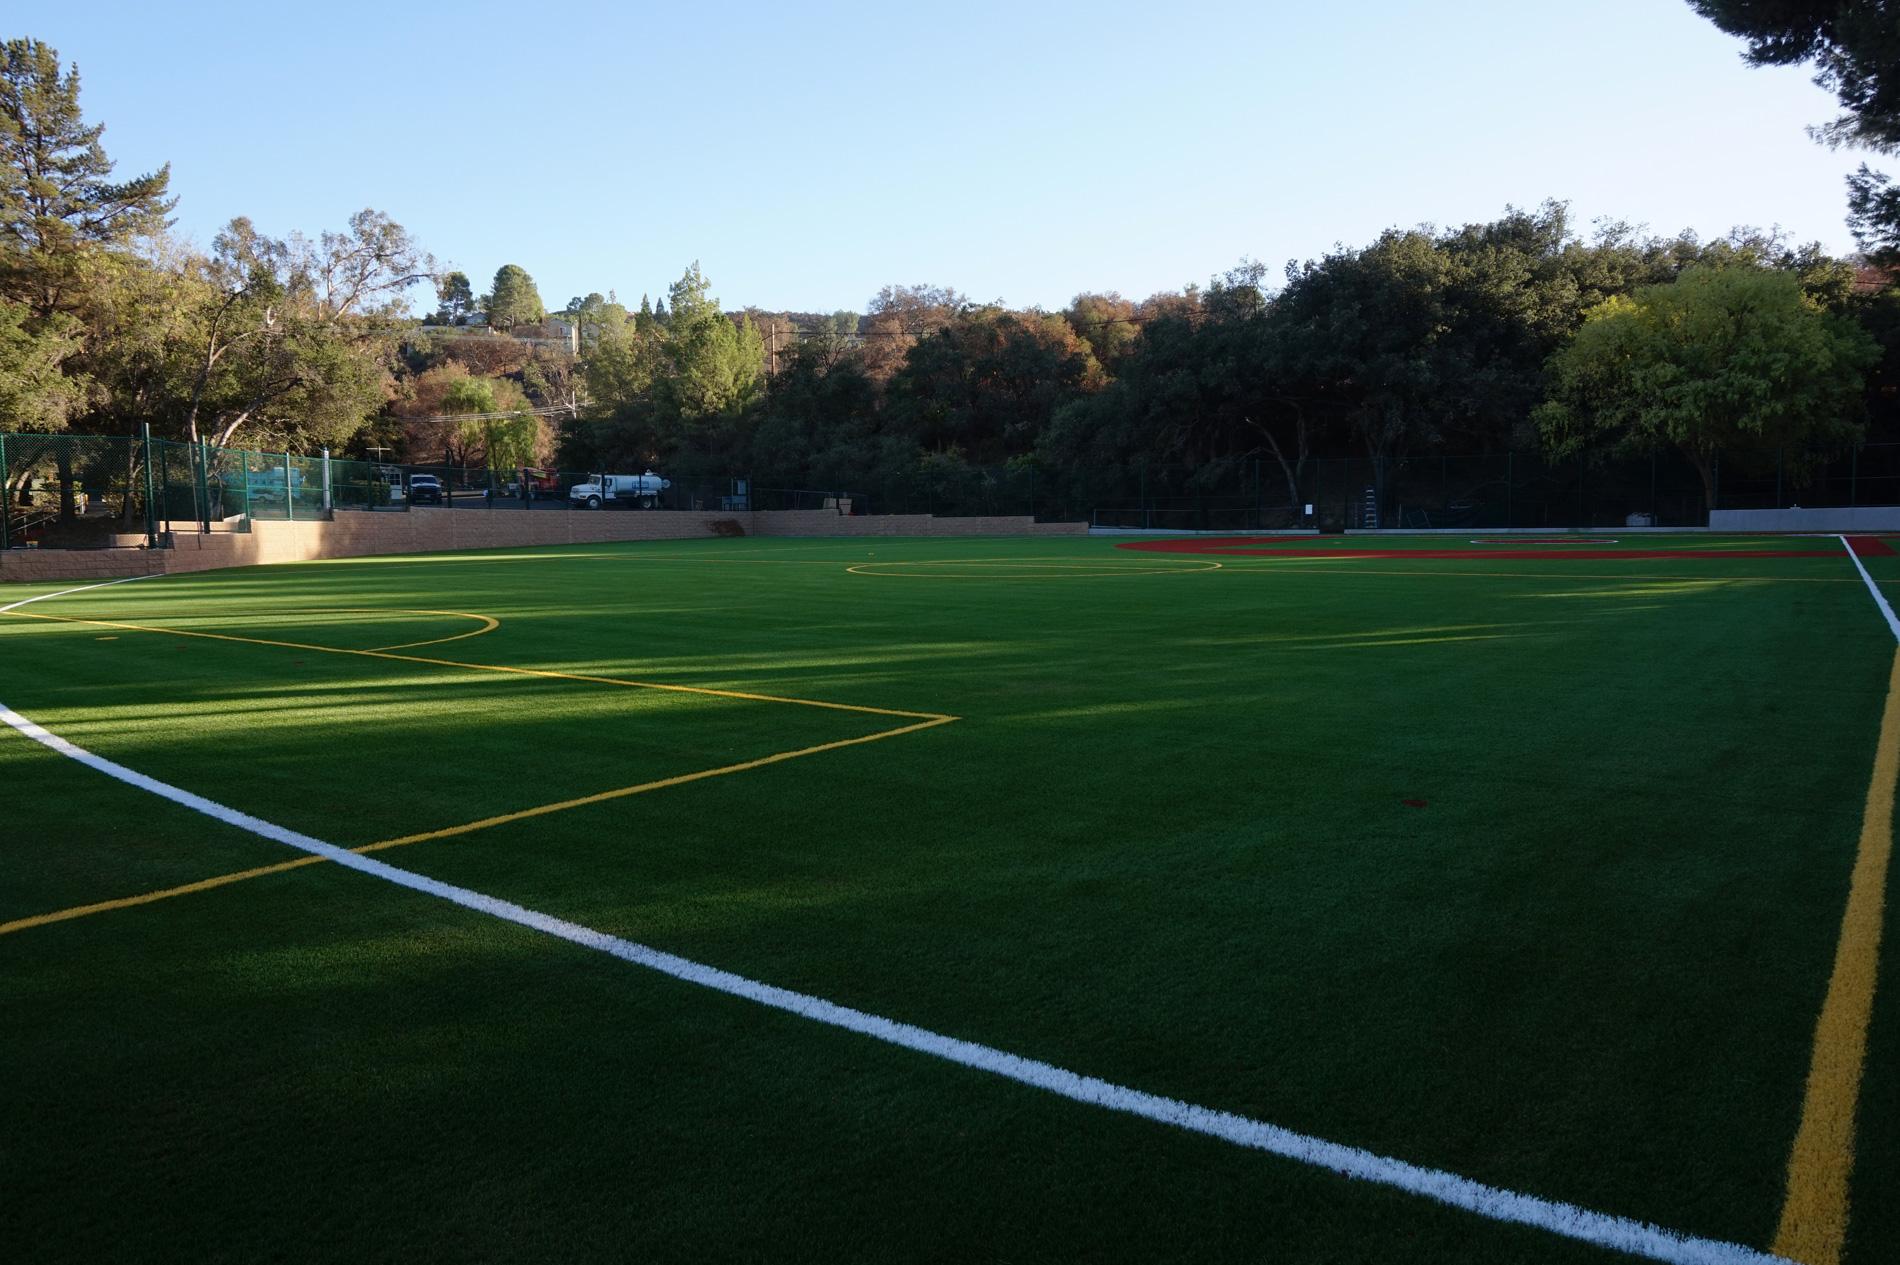 Viewpoint School Open Field View